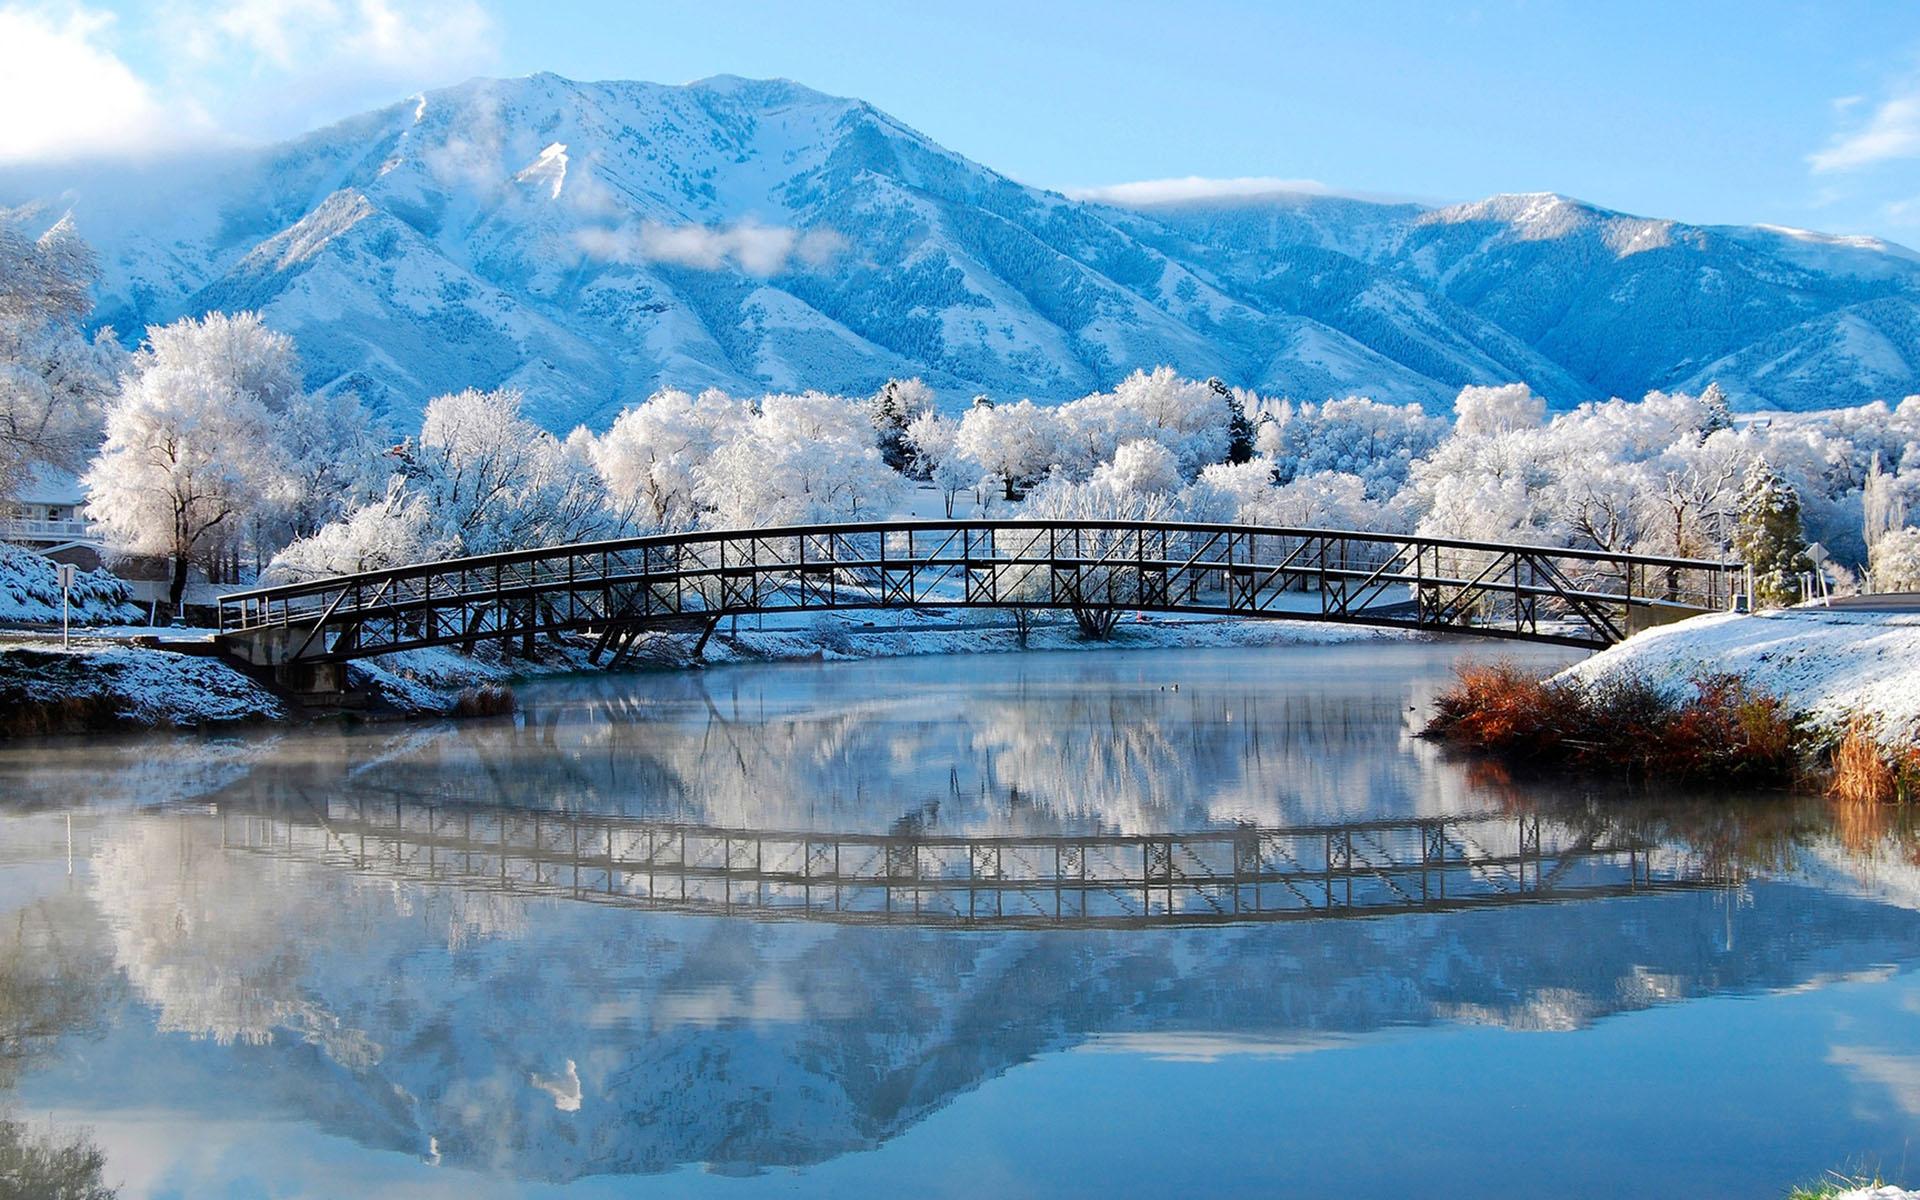 立冬后天气冷吗 立冬如何养生